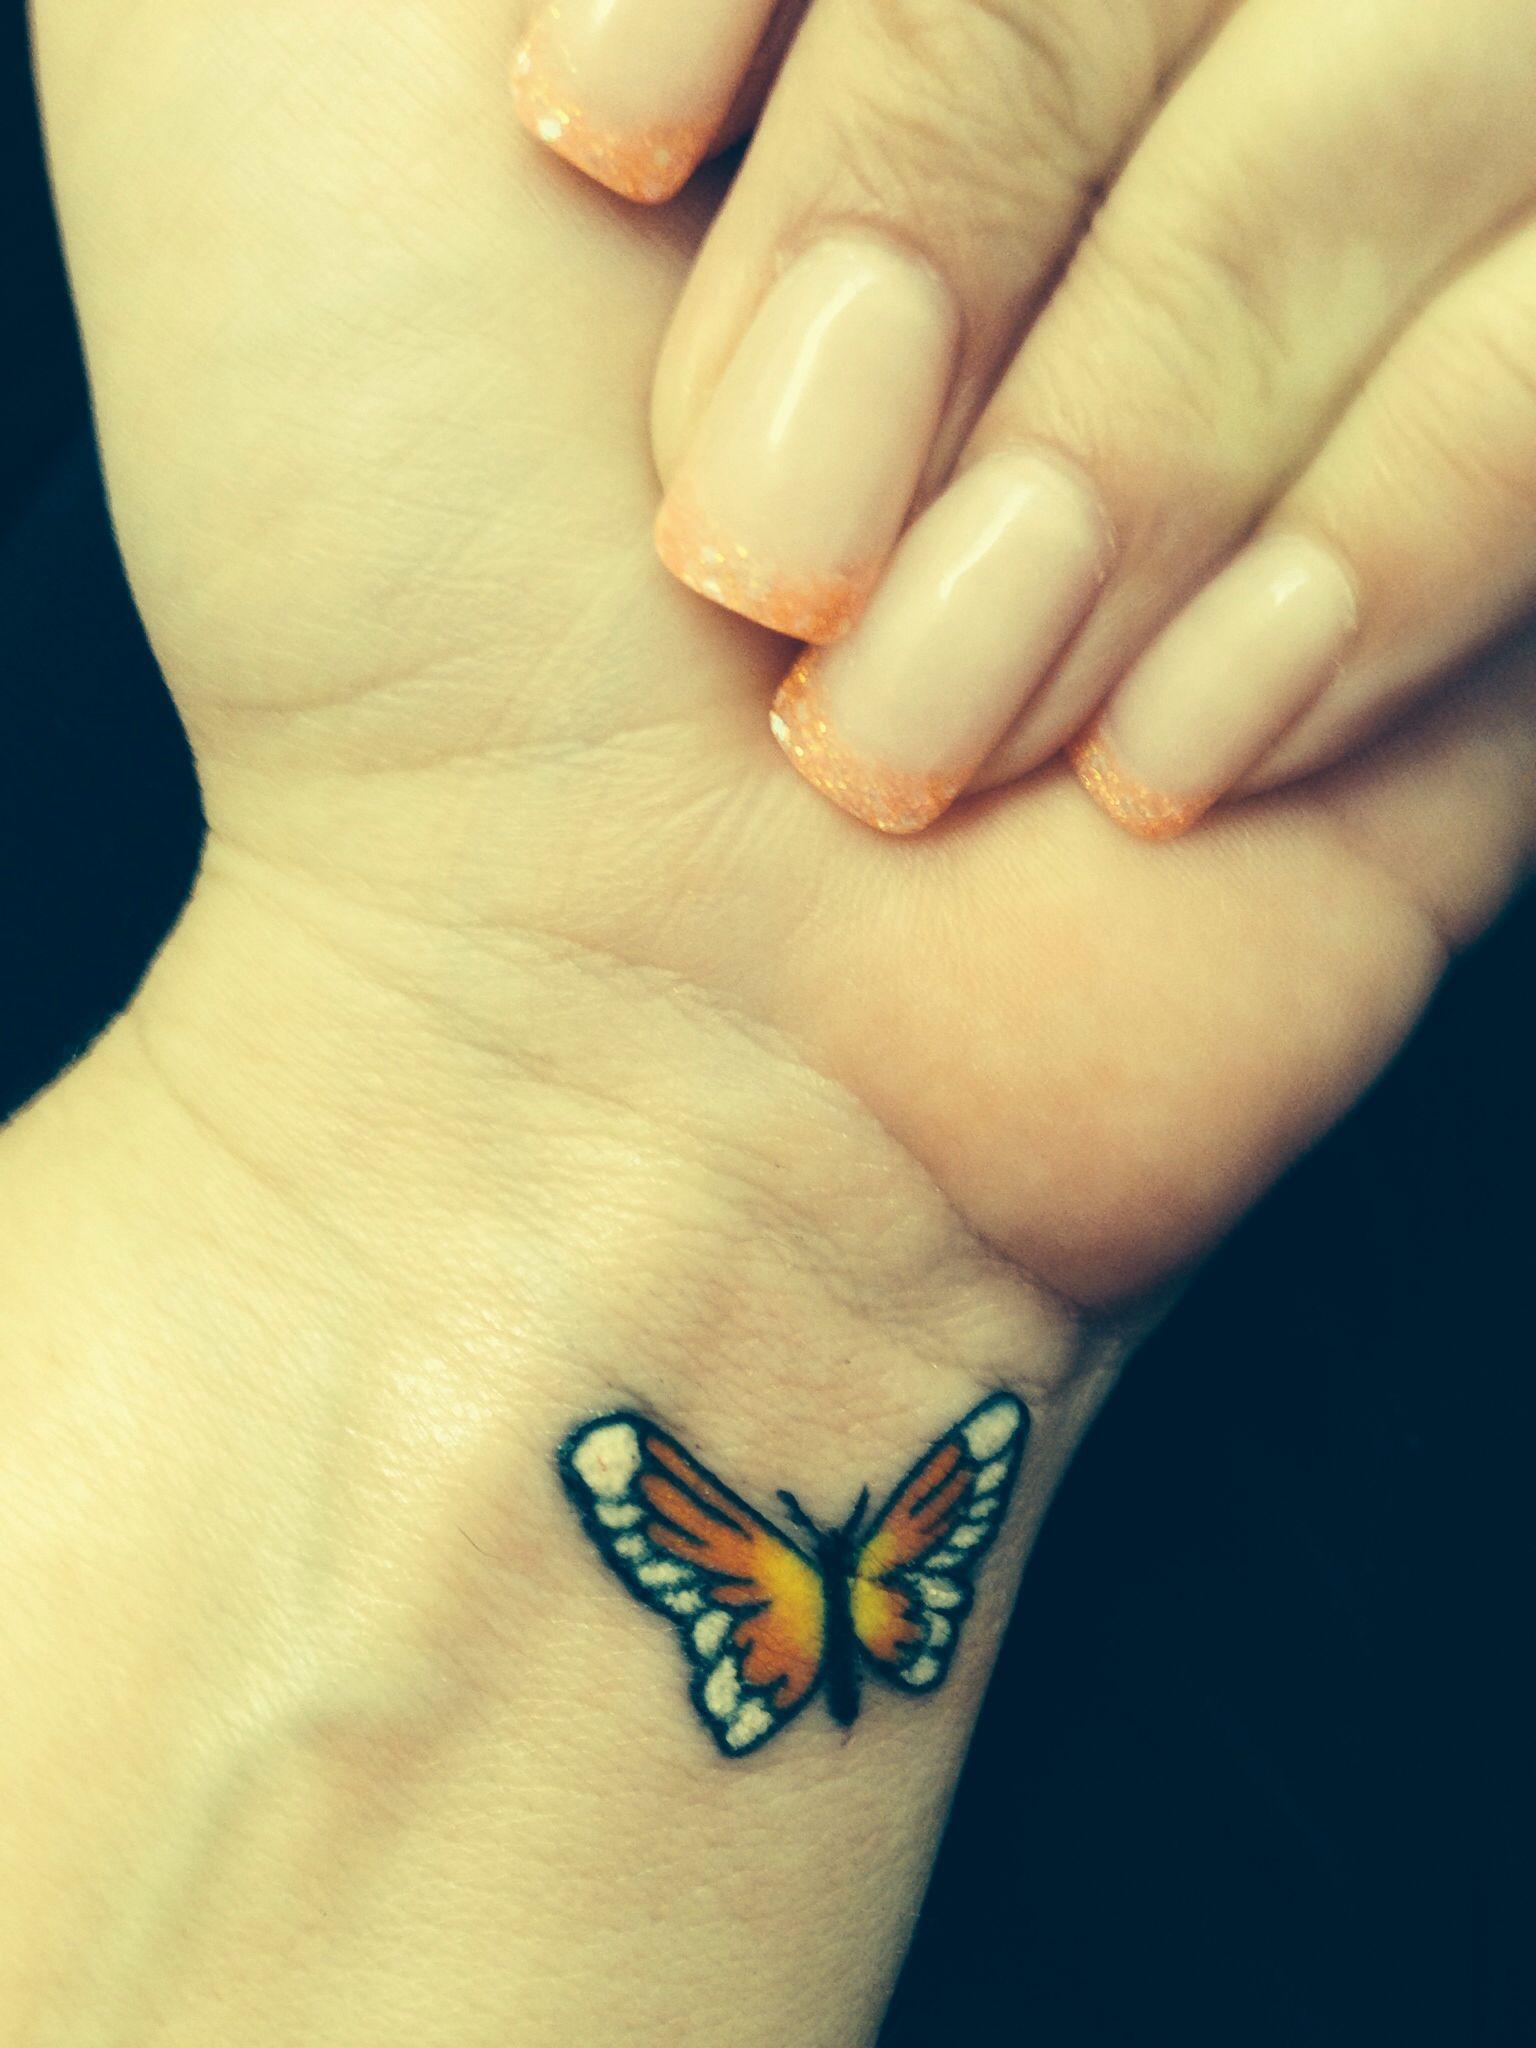 Flight & Dark Butterflies - Cascade   Unique butterfly tattoos ...   2048x1536